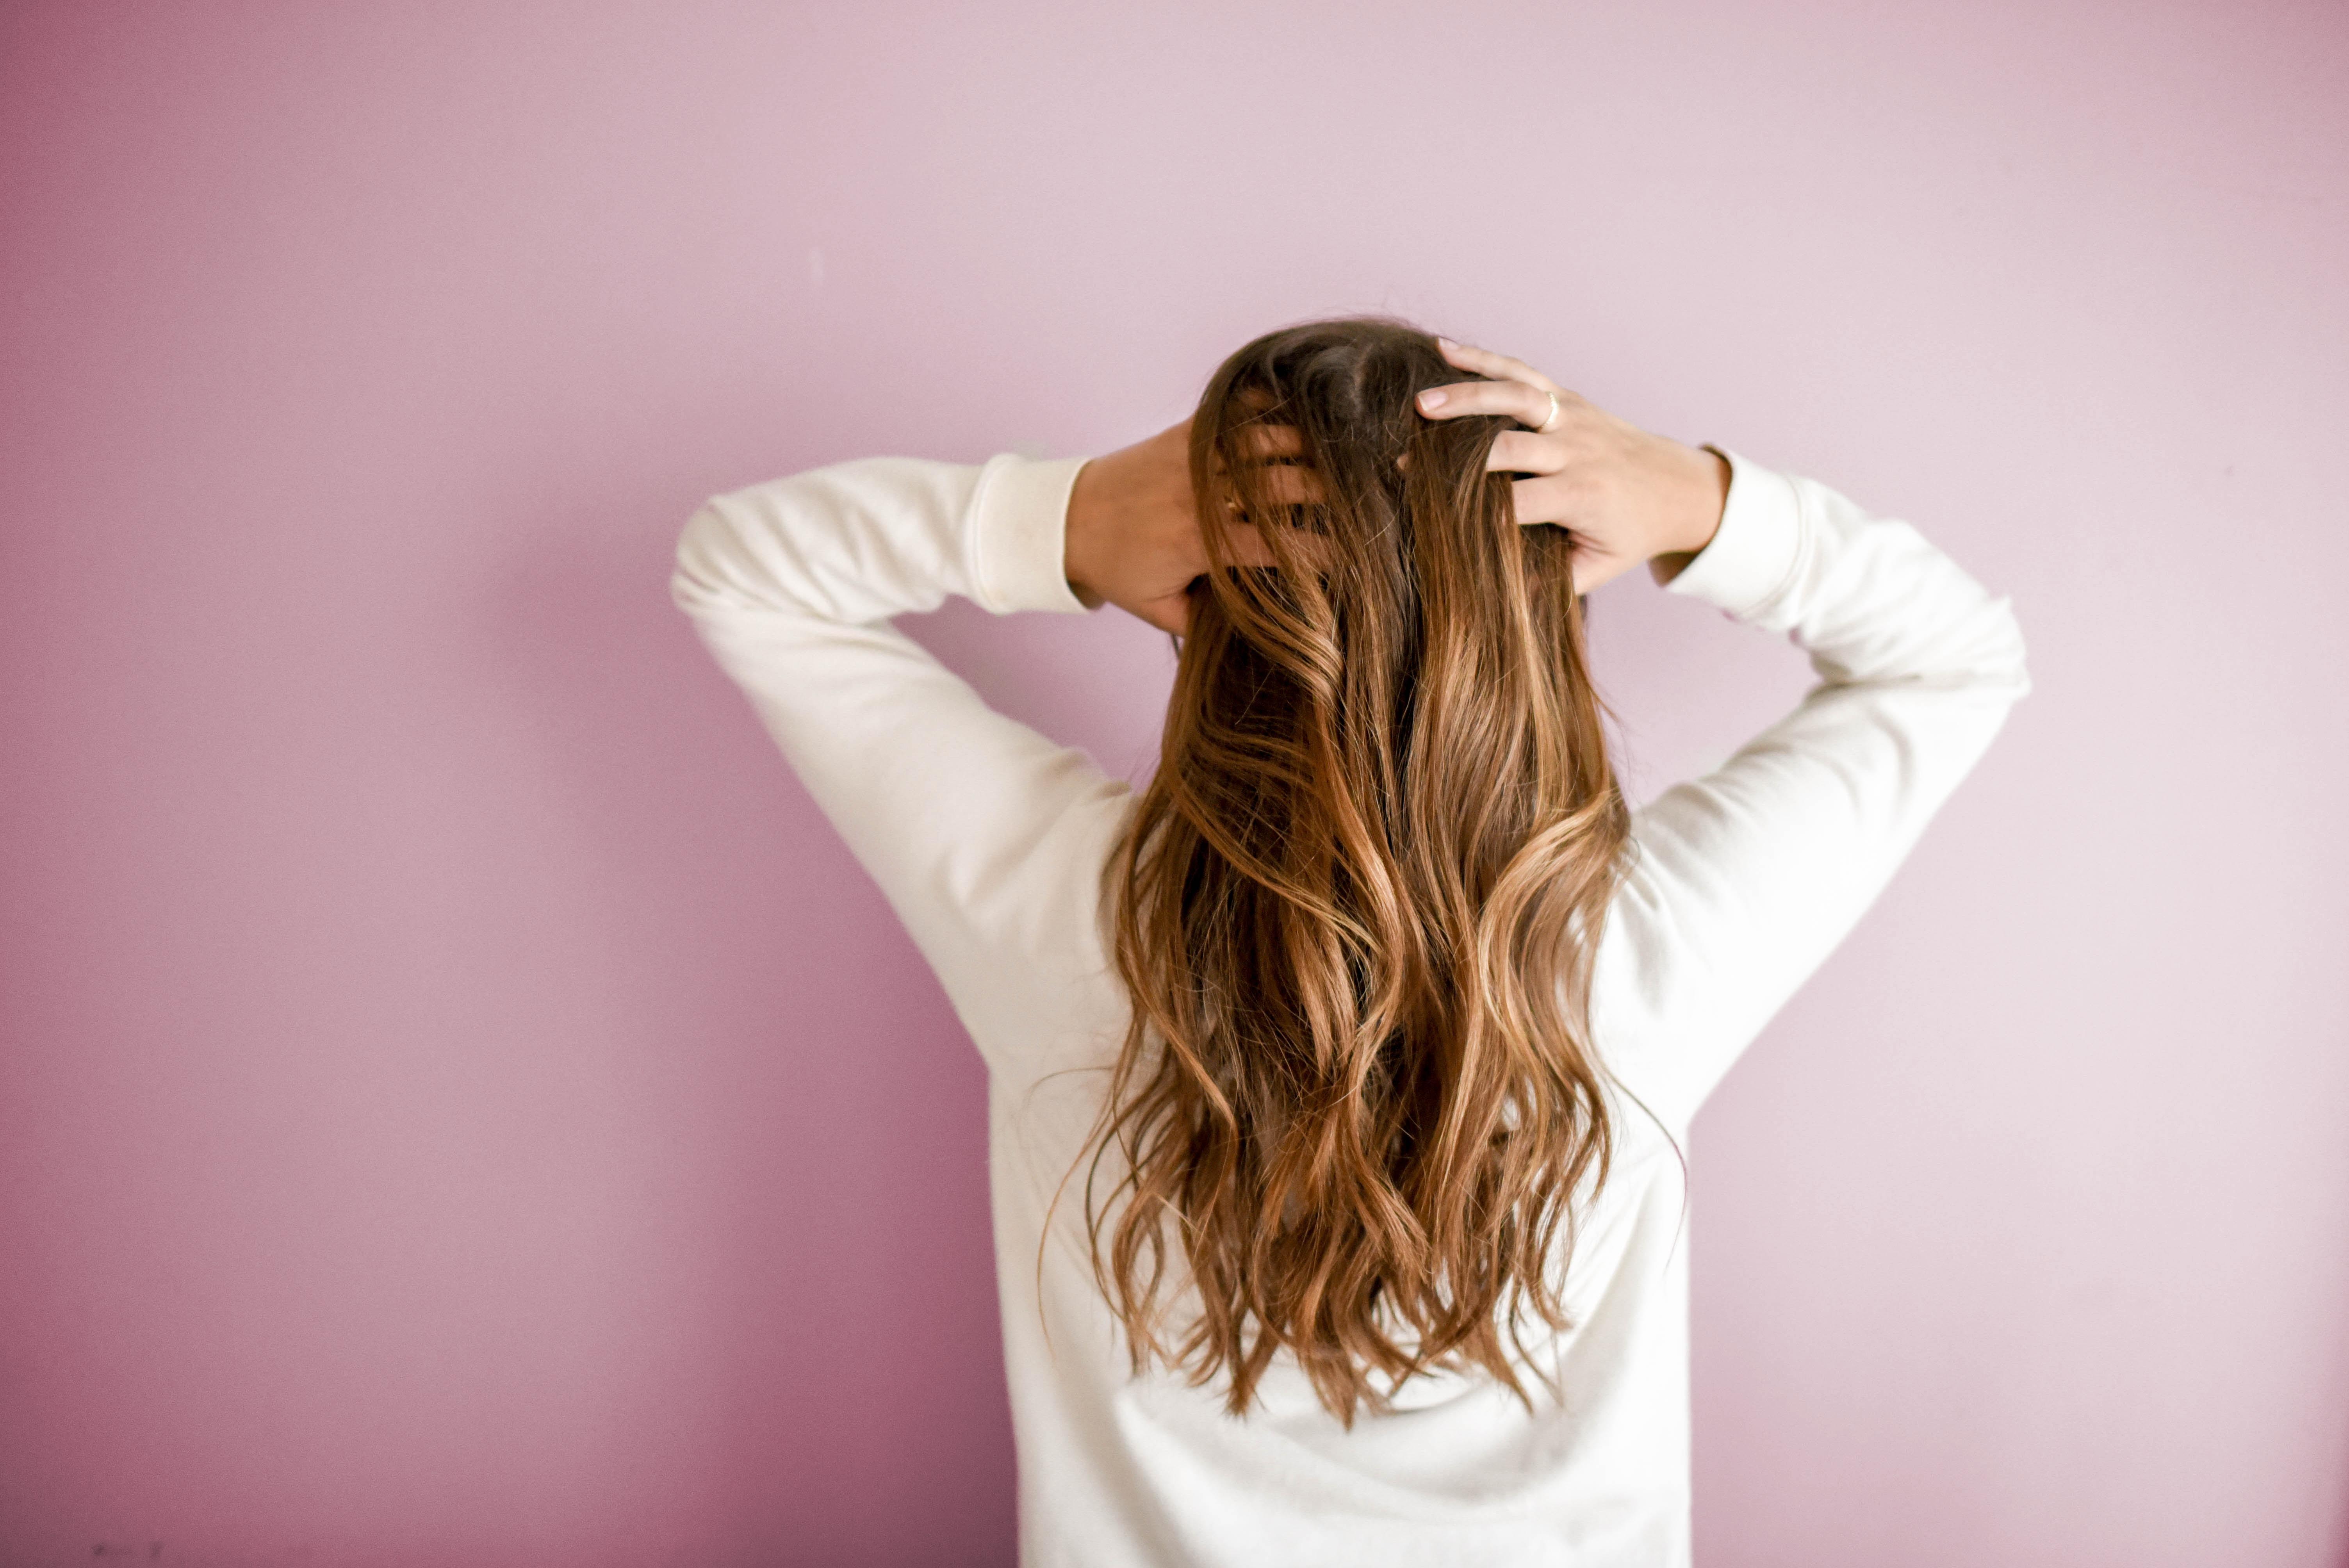 βγαίνω με ένα κορίτσι με φυσικά μαλλιά